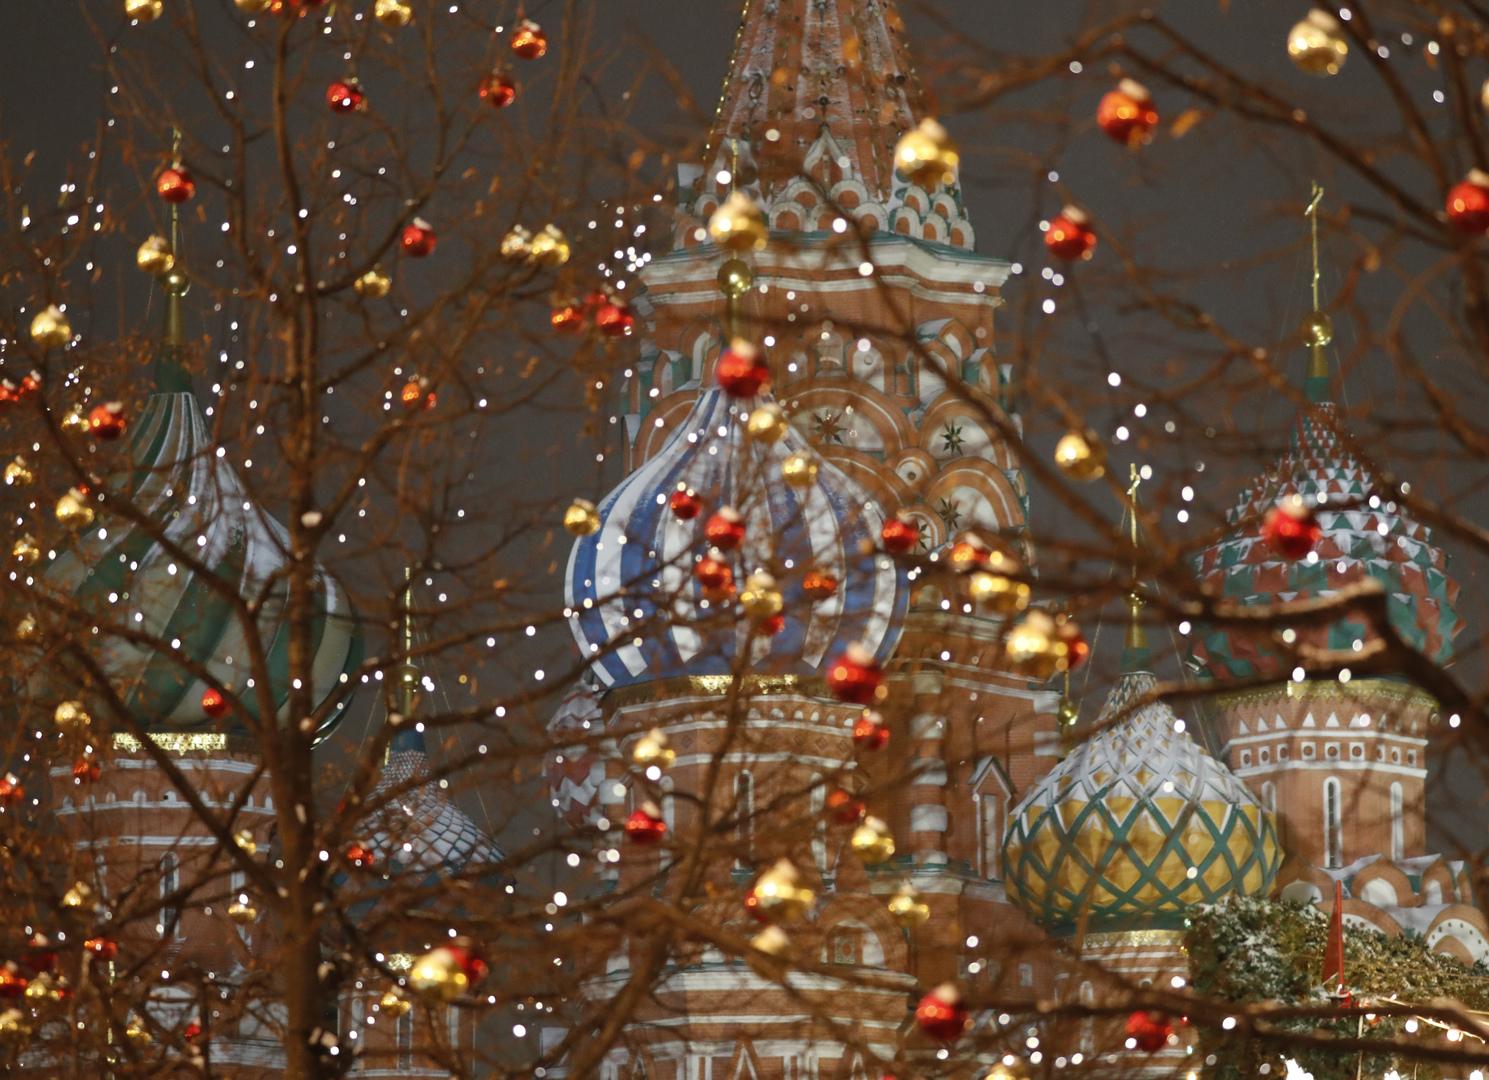 موسكو تفوز بجائزة أفضل وجهة سياحية في العالم